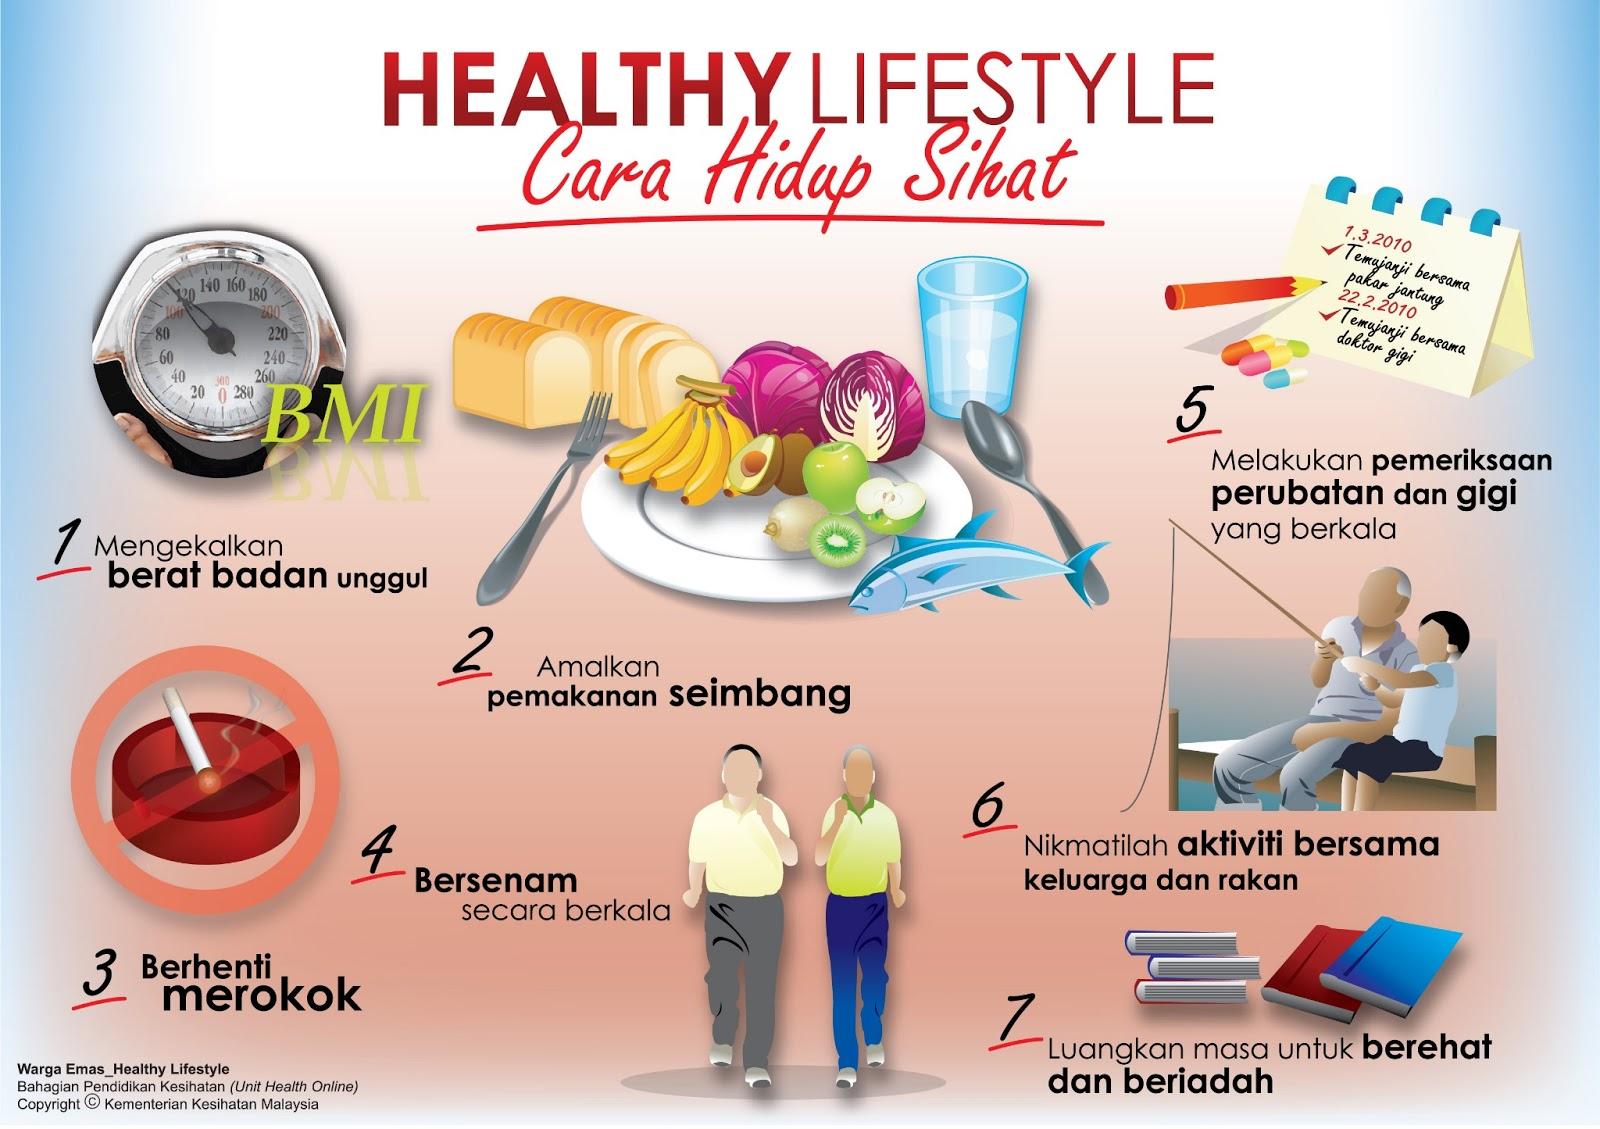 Resep Mashed Potato Keju yang Praktis untuk Diet Sehat